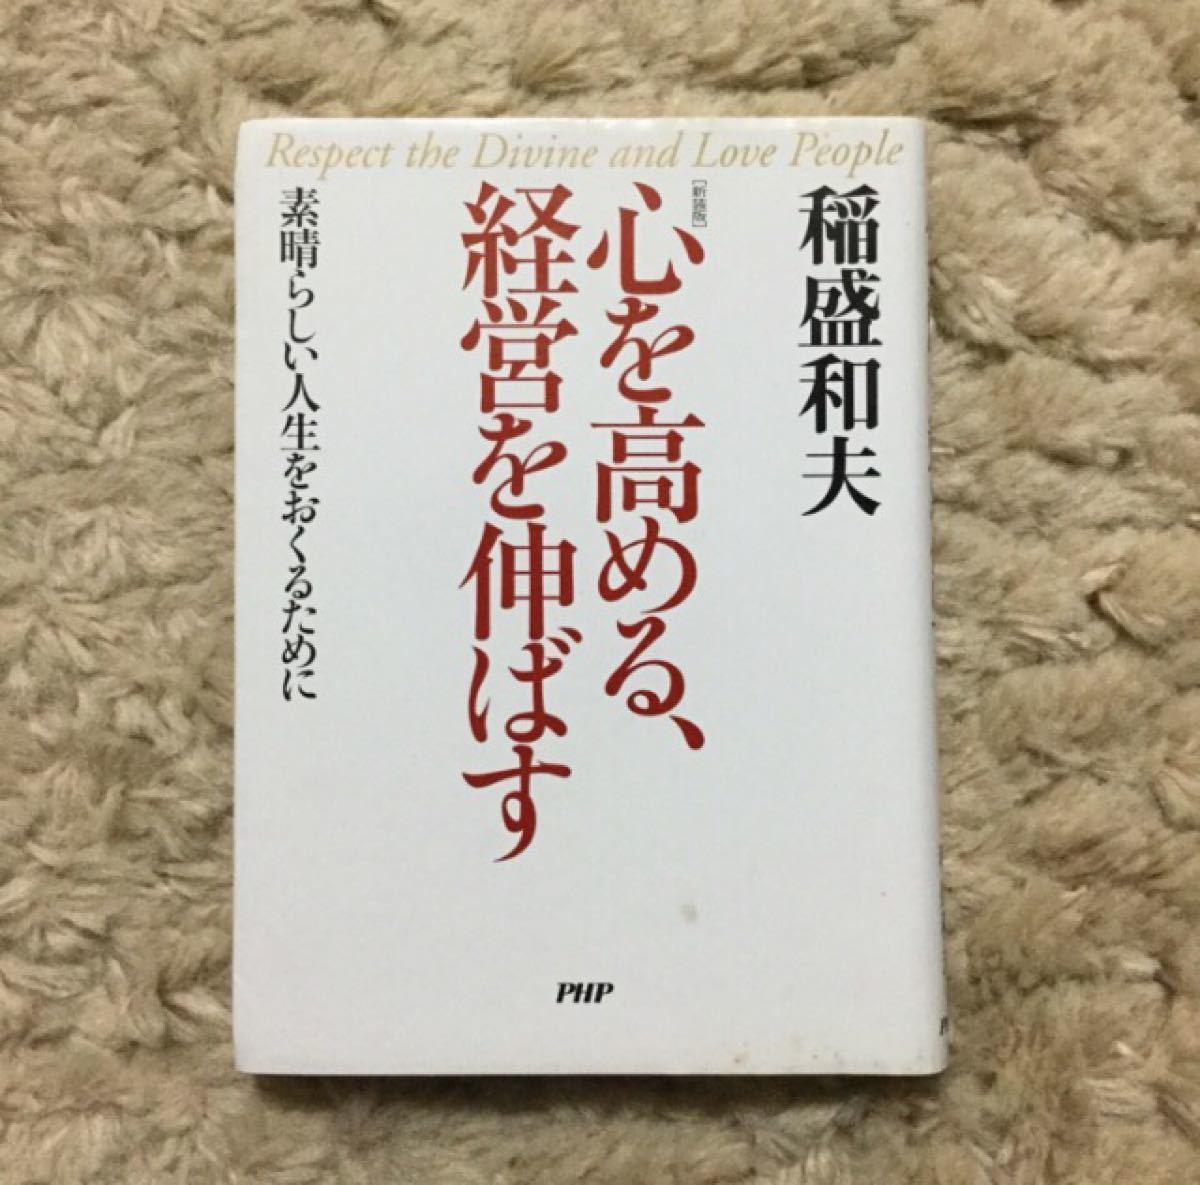 心を高める、経営を伸ばす : 素晴らしい人生をおくるために 稲盛和夫